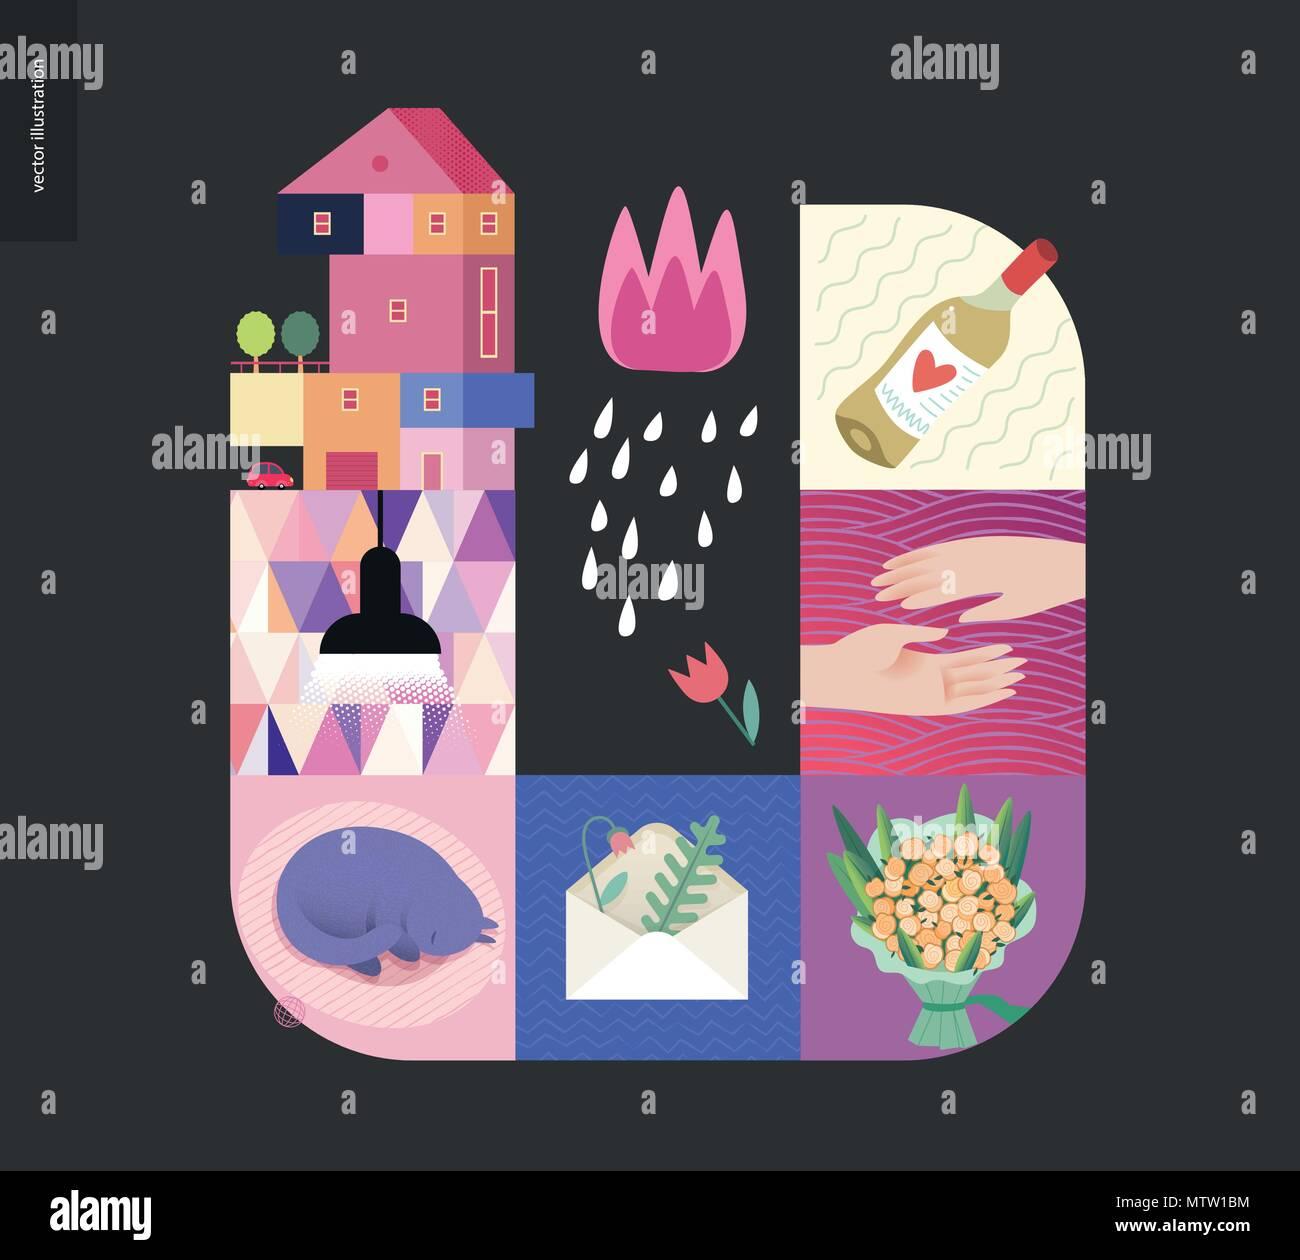 Einfache Dinge - Startseite - Flachbild cartoon vector Abbildung: Haus auf dem Land, schwarz Lampe, schlafende Katze, Umschlag mit Herbarium, Bouquet, zwei Hände, w Stock Vektor